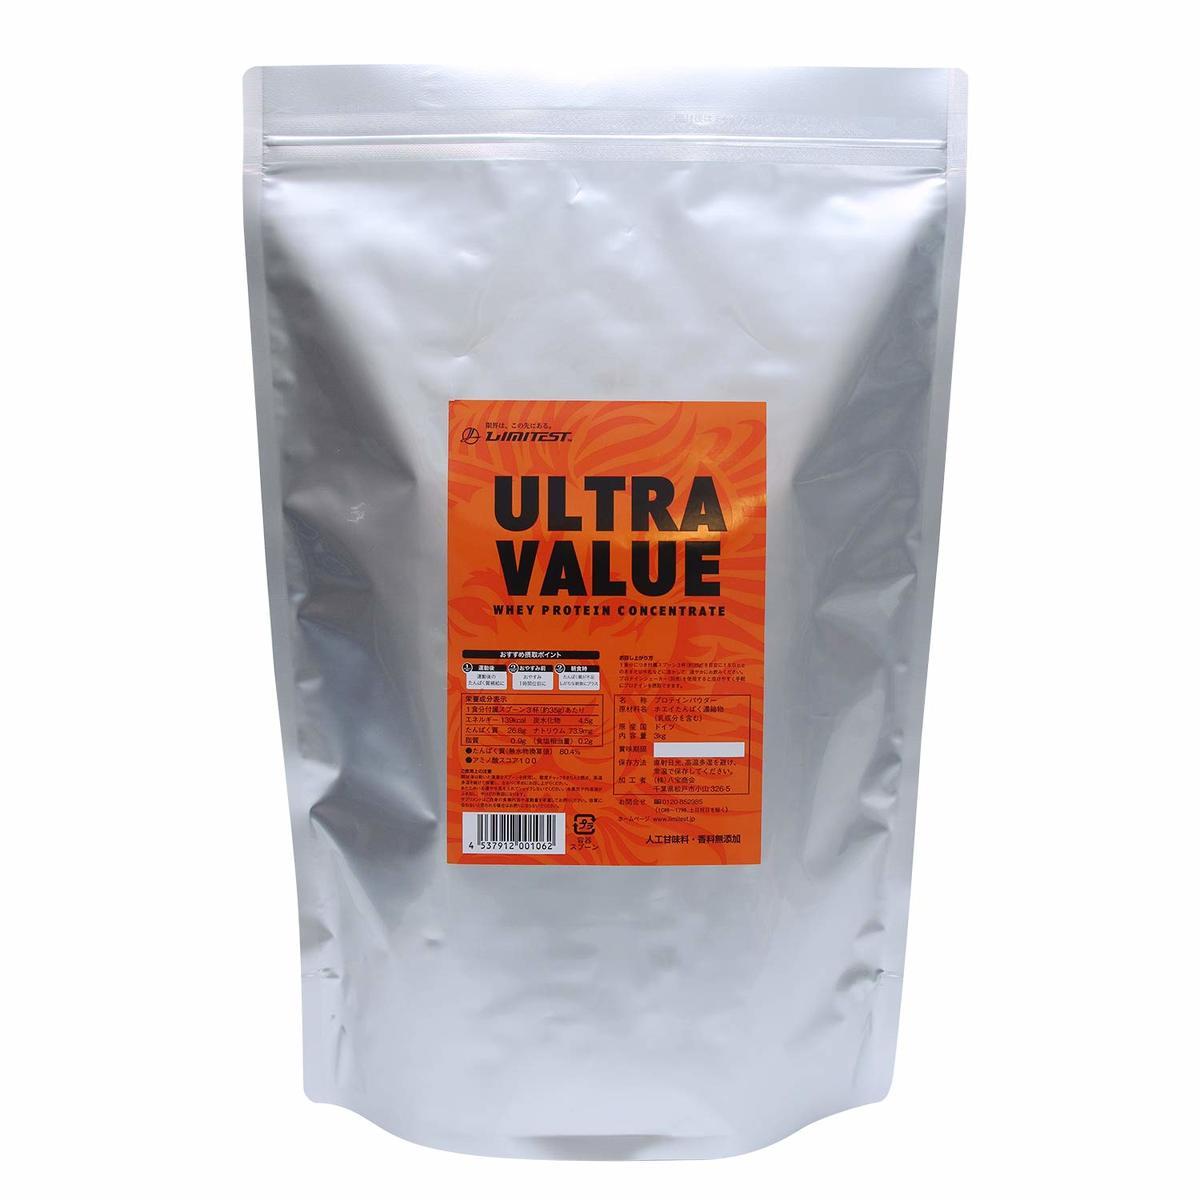 高タンパク ホエイ プロテイン リミテスト・ウルトラバリュー(LIMITEST/ULTRA VALUE)/3kg×8パック(1ケース)でのご提供 ホエイ プロテイン 高タンパク 食品添加物「無添加」 低価格 送料無料